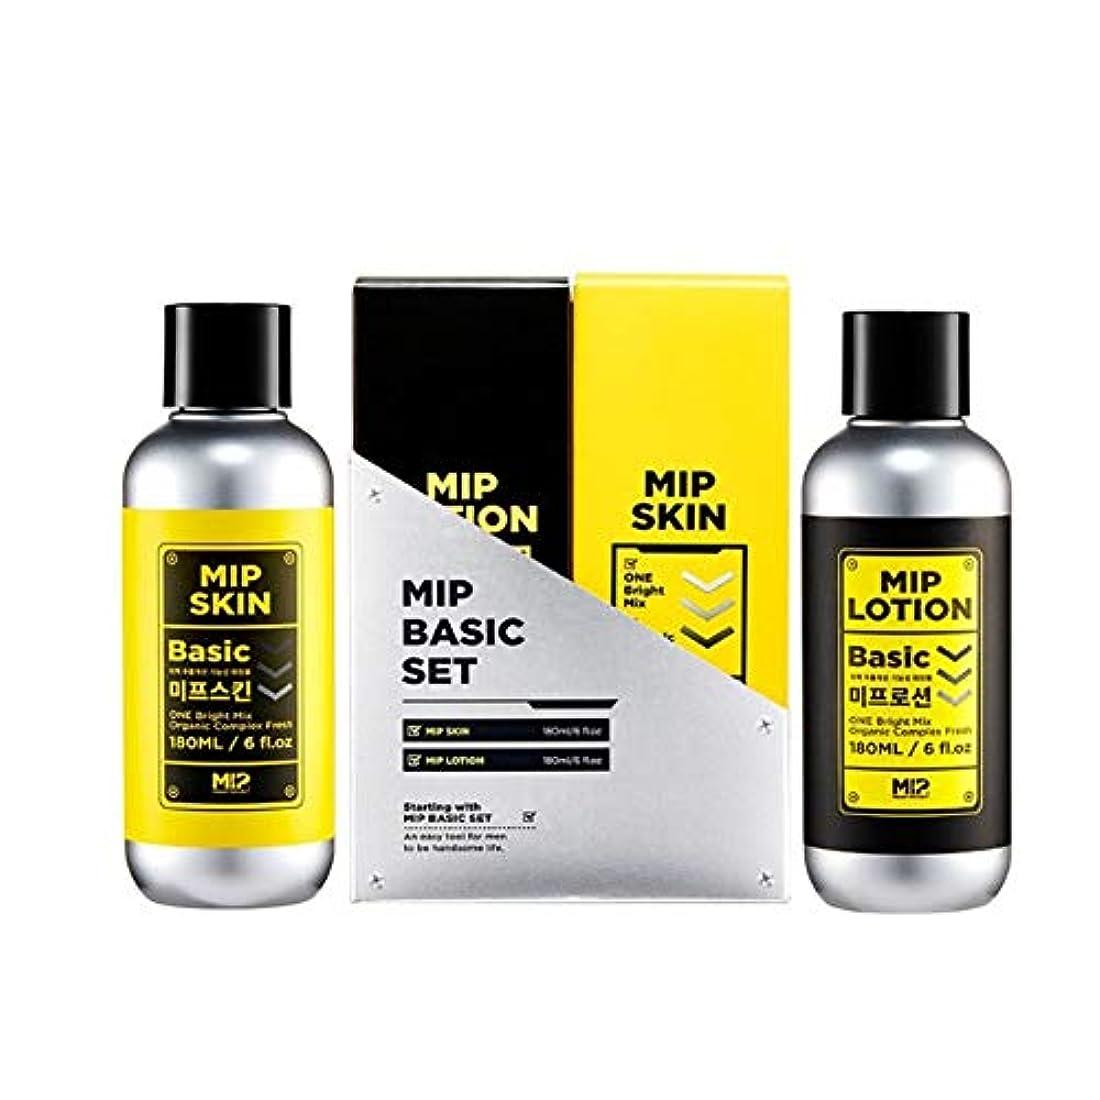 結婚する呼吸控えめなミップスキン180mlローション180mlセットメンズコスメ韓国コスメ、Mip Skin 180ml Lotion 180ml Set Men's Cosmetics Korean Cosmetics [並行輸入品]